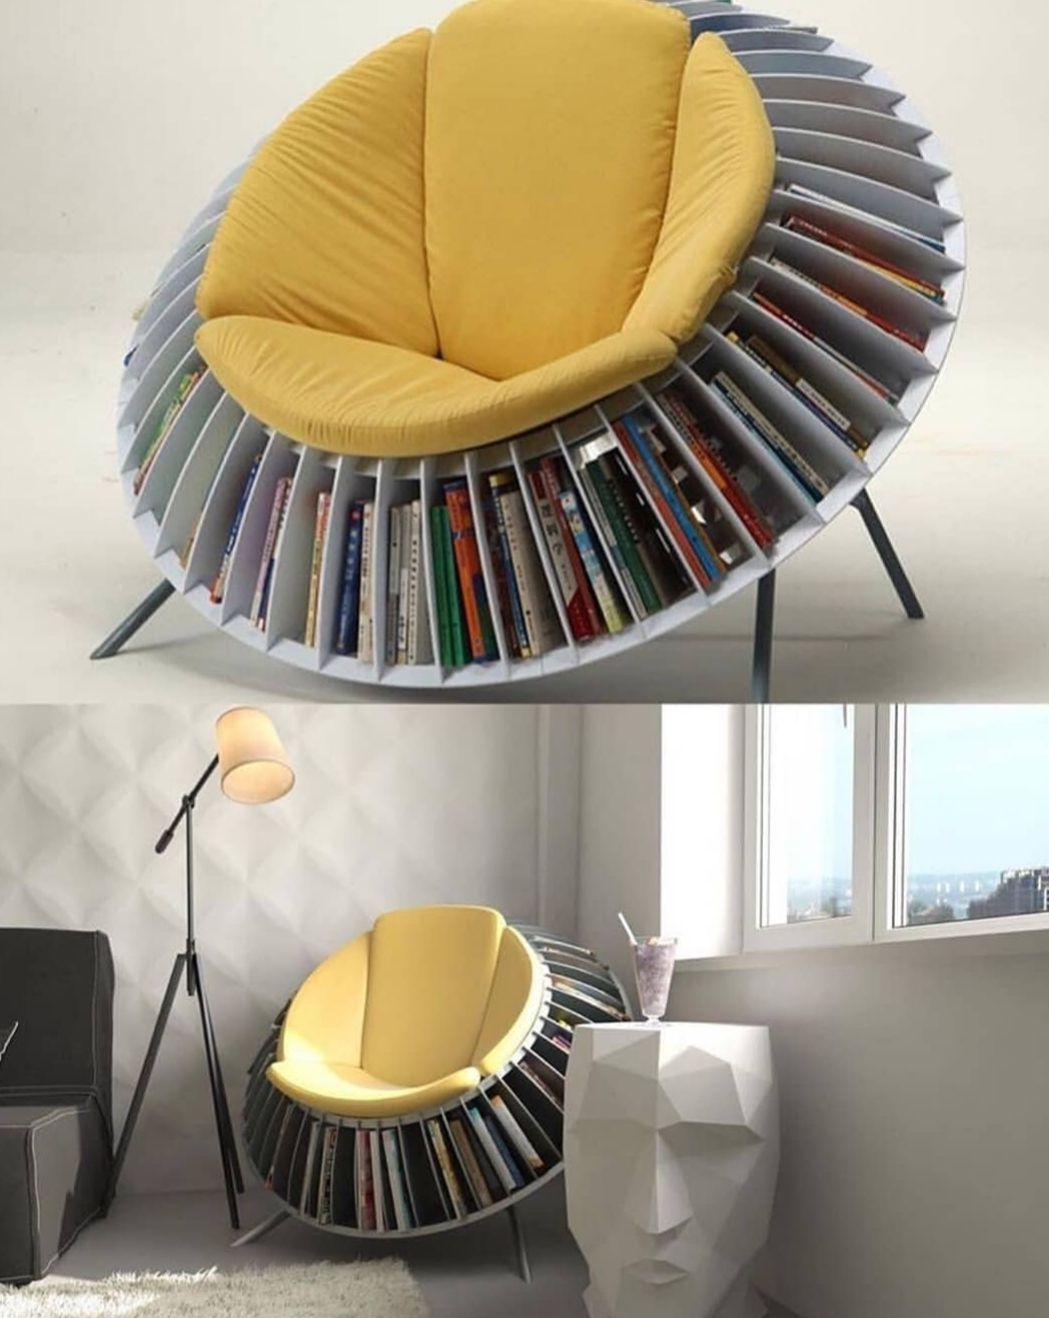 Designmöbel Inneneinrichtungen Stühle Und Mehr In Hochwertiger Qualität Stuhl Design Inneneinrichtung Innenarchitektur